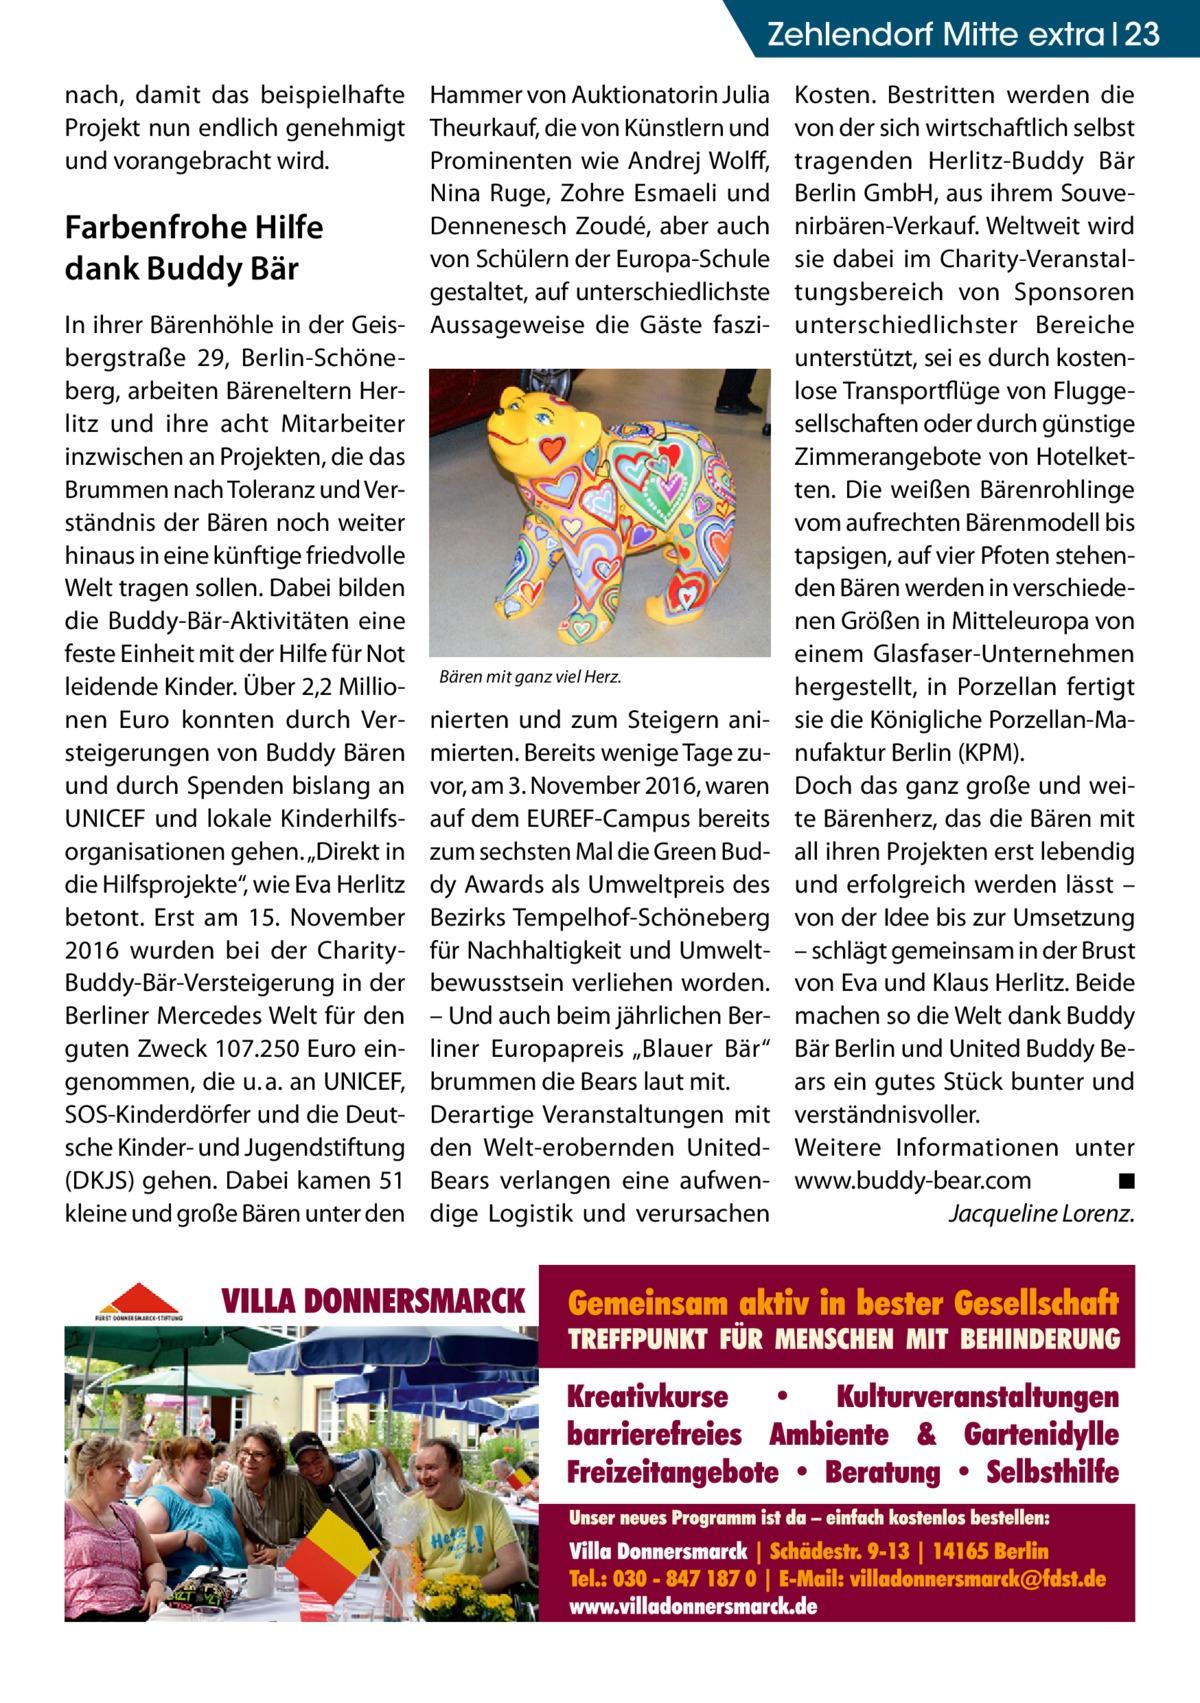 """Zehlendorf Mitte extra 23 nach, damit das beispielhafte Hammer von Auktionatorin Julia Projekt nun endlich genehmigt Theurkauf, die von Künstlern und und vorangebracht wird. Prominenten wie Andrej Wolff, Nina Ruge, Zohre Esmaeli und Dennenesch Zoudé, aber auch Farbenfrohe Hilfe von Schülern der Europa-Schule dank Buddy Bär gestaltet, auf unterschiedlichste In ihrer Bärenhöhle in der Geis- Aussageweise die Gäste faszibergstraße 29, Berlin-Schöneberg, arbeiten Bäreneltern Herlitz und ihre acht Mitarbeiter inzwischen an Projekten, die das Brummen nach Toleranz und Verständnis der Bären noch weiter hinaus in eine künftige friedvolle Welt tragen sollen. Dabei bilden die Buddy-Bär-Aktivitäten eine feste Einheit mit der Hilfe für Not leidende Kinder. Über 2,2Millio- Bären mit ganz viel Herz. nen Euro konnten durch Ver- nierten und zum Steigern anisteigerungen von Buddy Bären mierten. Bereits wenige Tage zuund durch Spenden bislang an vor, am 3.November 2016, waren UNICEF und lokale Kinderhilfs- auf dem EUREF-Campus bereits organisationen gehen. """"Direkt in zum sechsten Mal die Green Buddie Hilfsprojekte"""", wie Eva Herlitz dy Awards als Umweltpreis des betont. Erst am 15. November Bezirks Tempelhof-Schöneberg 2016 wurden bei der Charity- für Nachhaltigkeit und UmweltBuddy-Bär-Versteigerung in der bewusstsein verliehen worden. Berliner Mercedes Welt für den – Und auch beim jährlichen Berguten Zweck 107.250Euro ein- liner Europapreis """"Blauer Bär"""" genommen, die u.a. an UNICEF, brummen die Bears laut mit. SOS-Kinderdörfer und die Deut- Derartige Veranstaltungen mit sche Kinder- und Jugendstiftung den Welt-erobernden United- (DKJS) gehen. Dabei kamen 51 Bears verlangen eine aufwenkleine und große Bären unter den dige Logistik und verursachen  Kosten. Bestritten werden die von der sich wirtschaftlich selbst tragenden Herlitz-Buddy Bär Berlin GmbH, aus ihrem Souvenirbären-Verkauf. Weltweit wird sie dabei im Charity-Veranstaltungsbereich von Sponsoren unterschiedlichster Bereiche unt"""